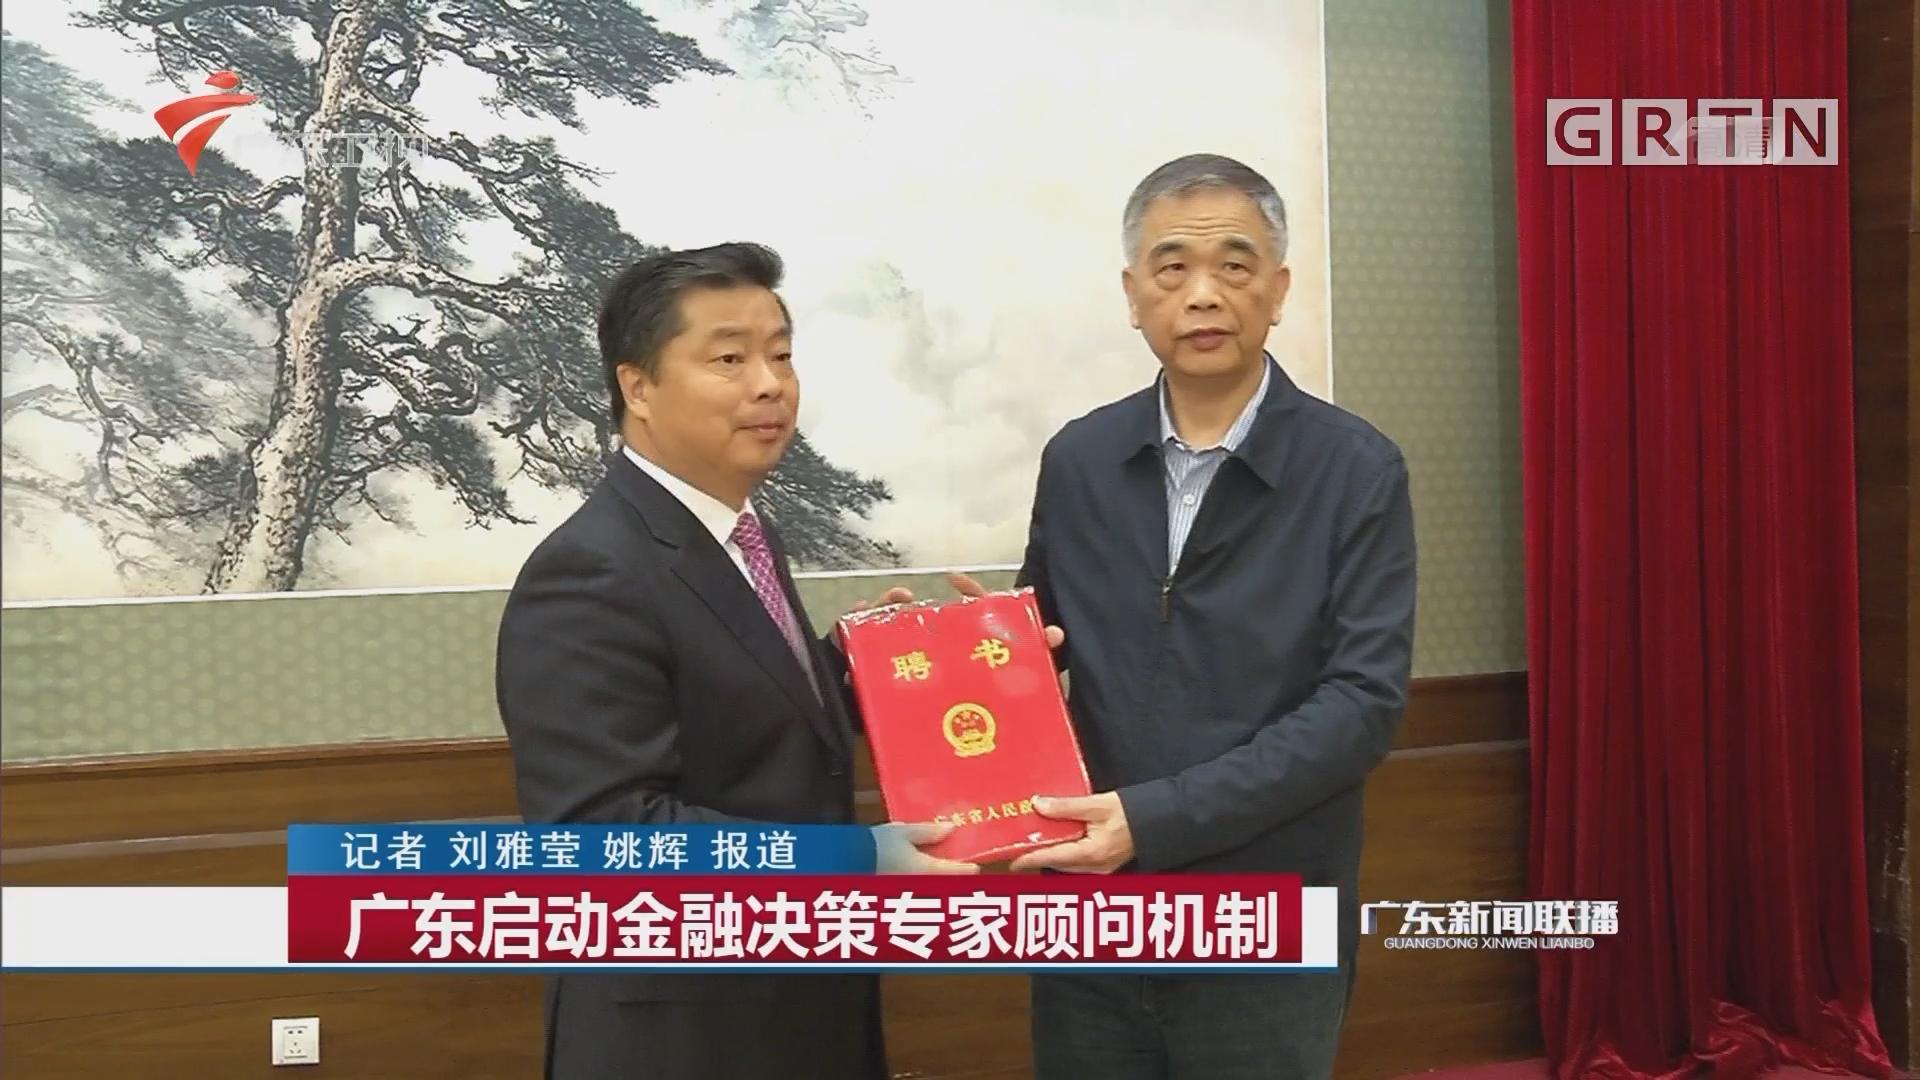 广东启动金融决策专家顾问机制